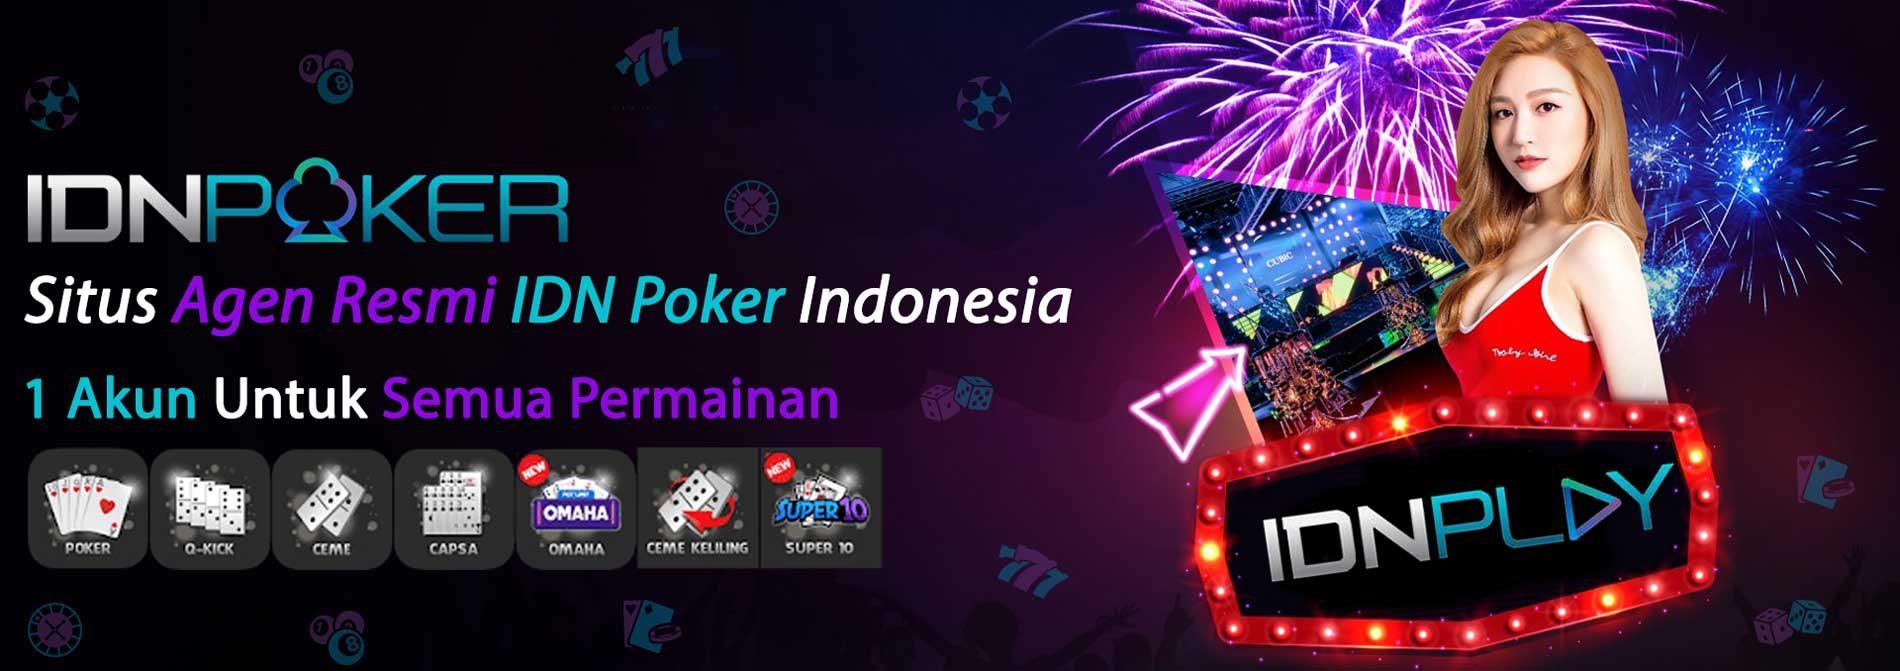 idn poker slide